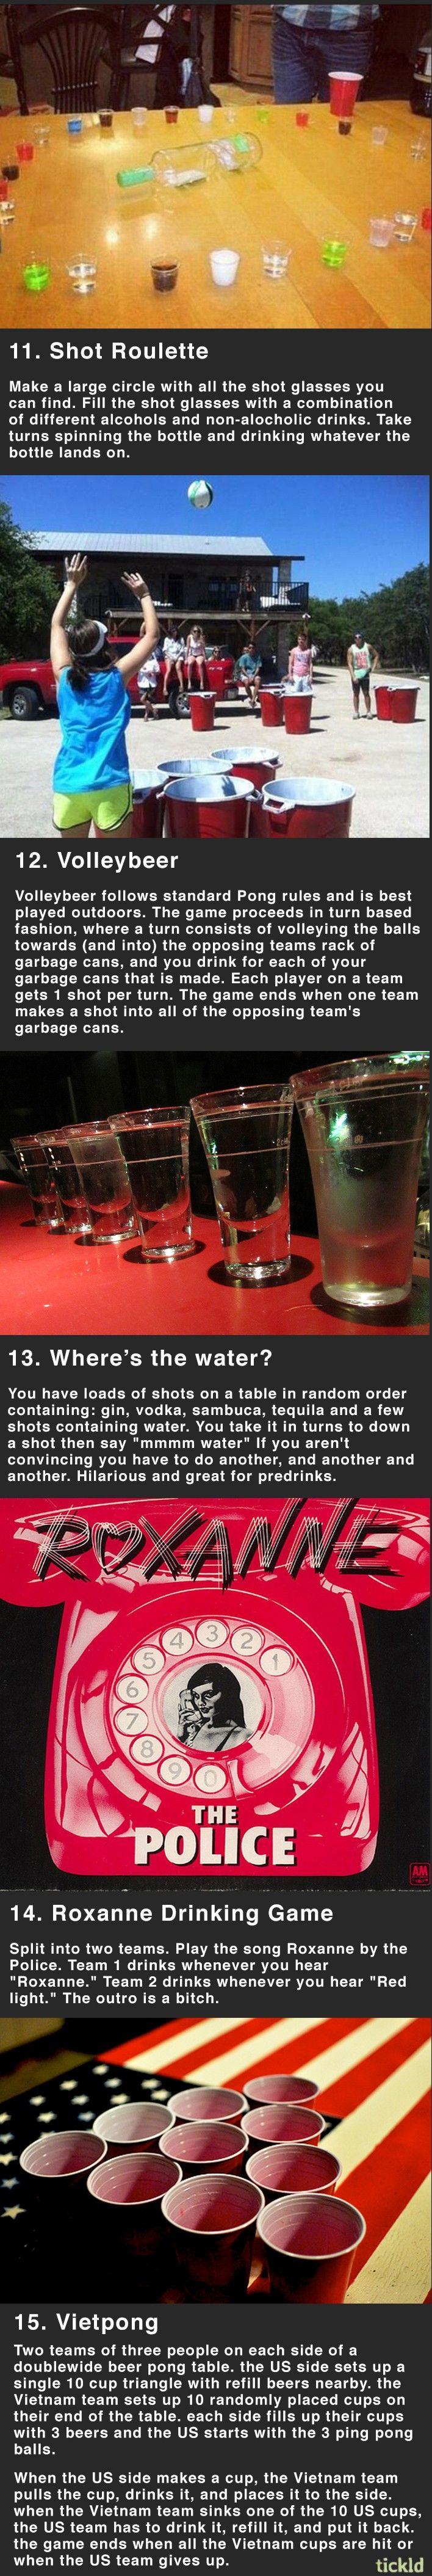 15 fun drinking games